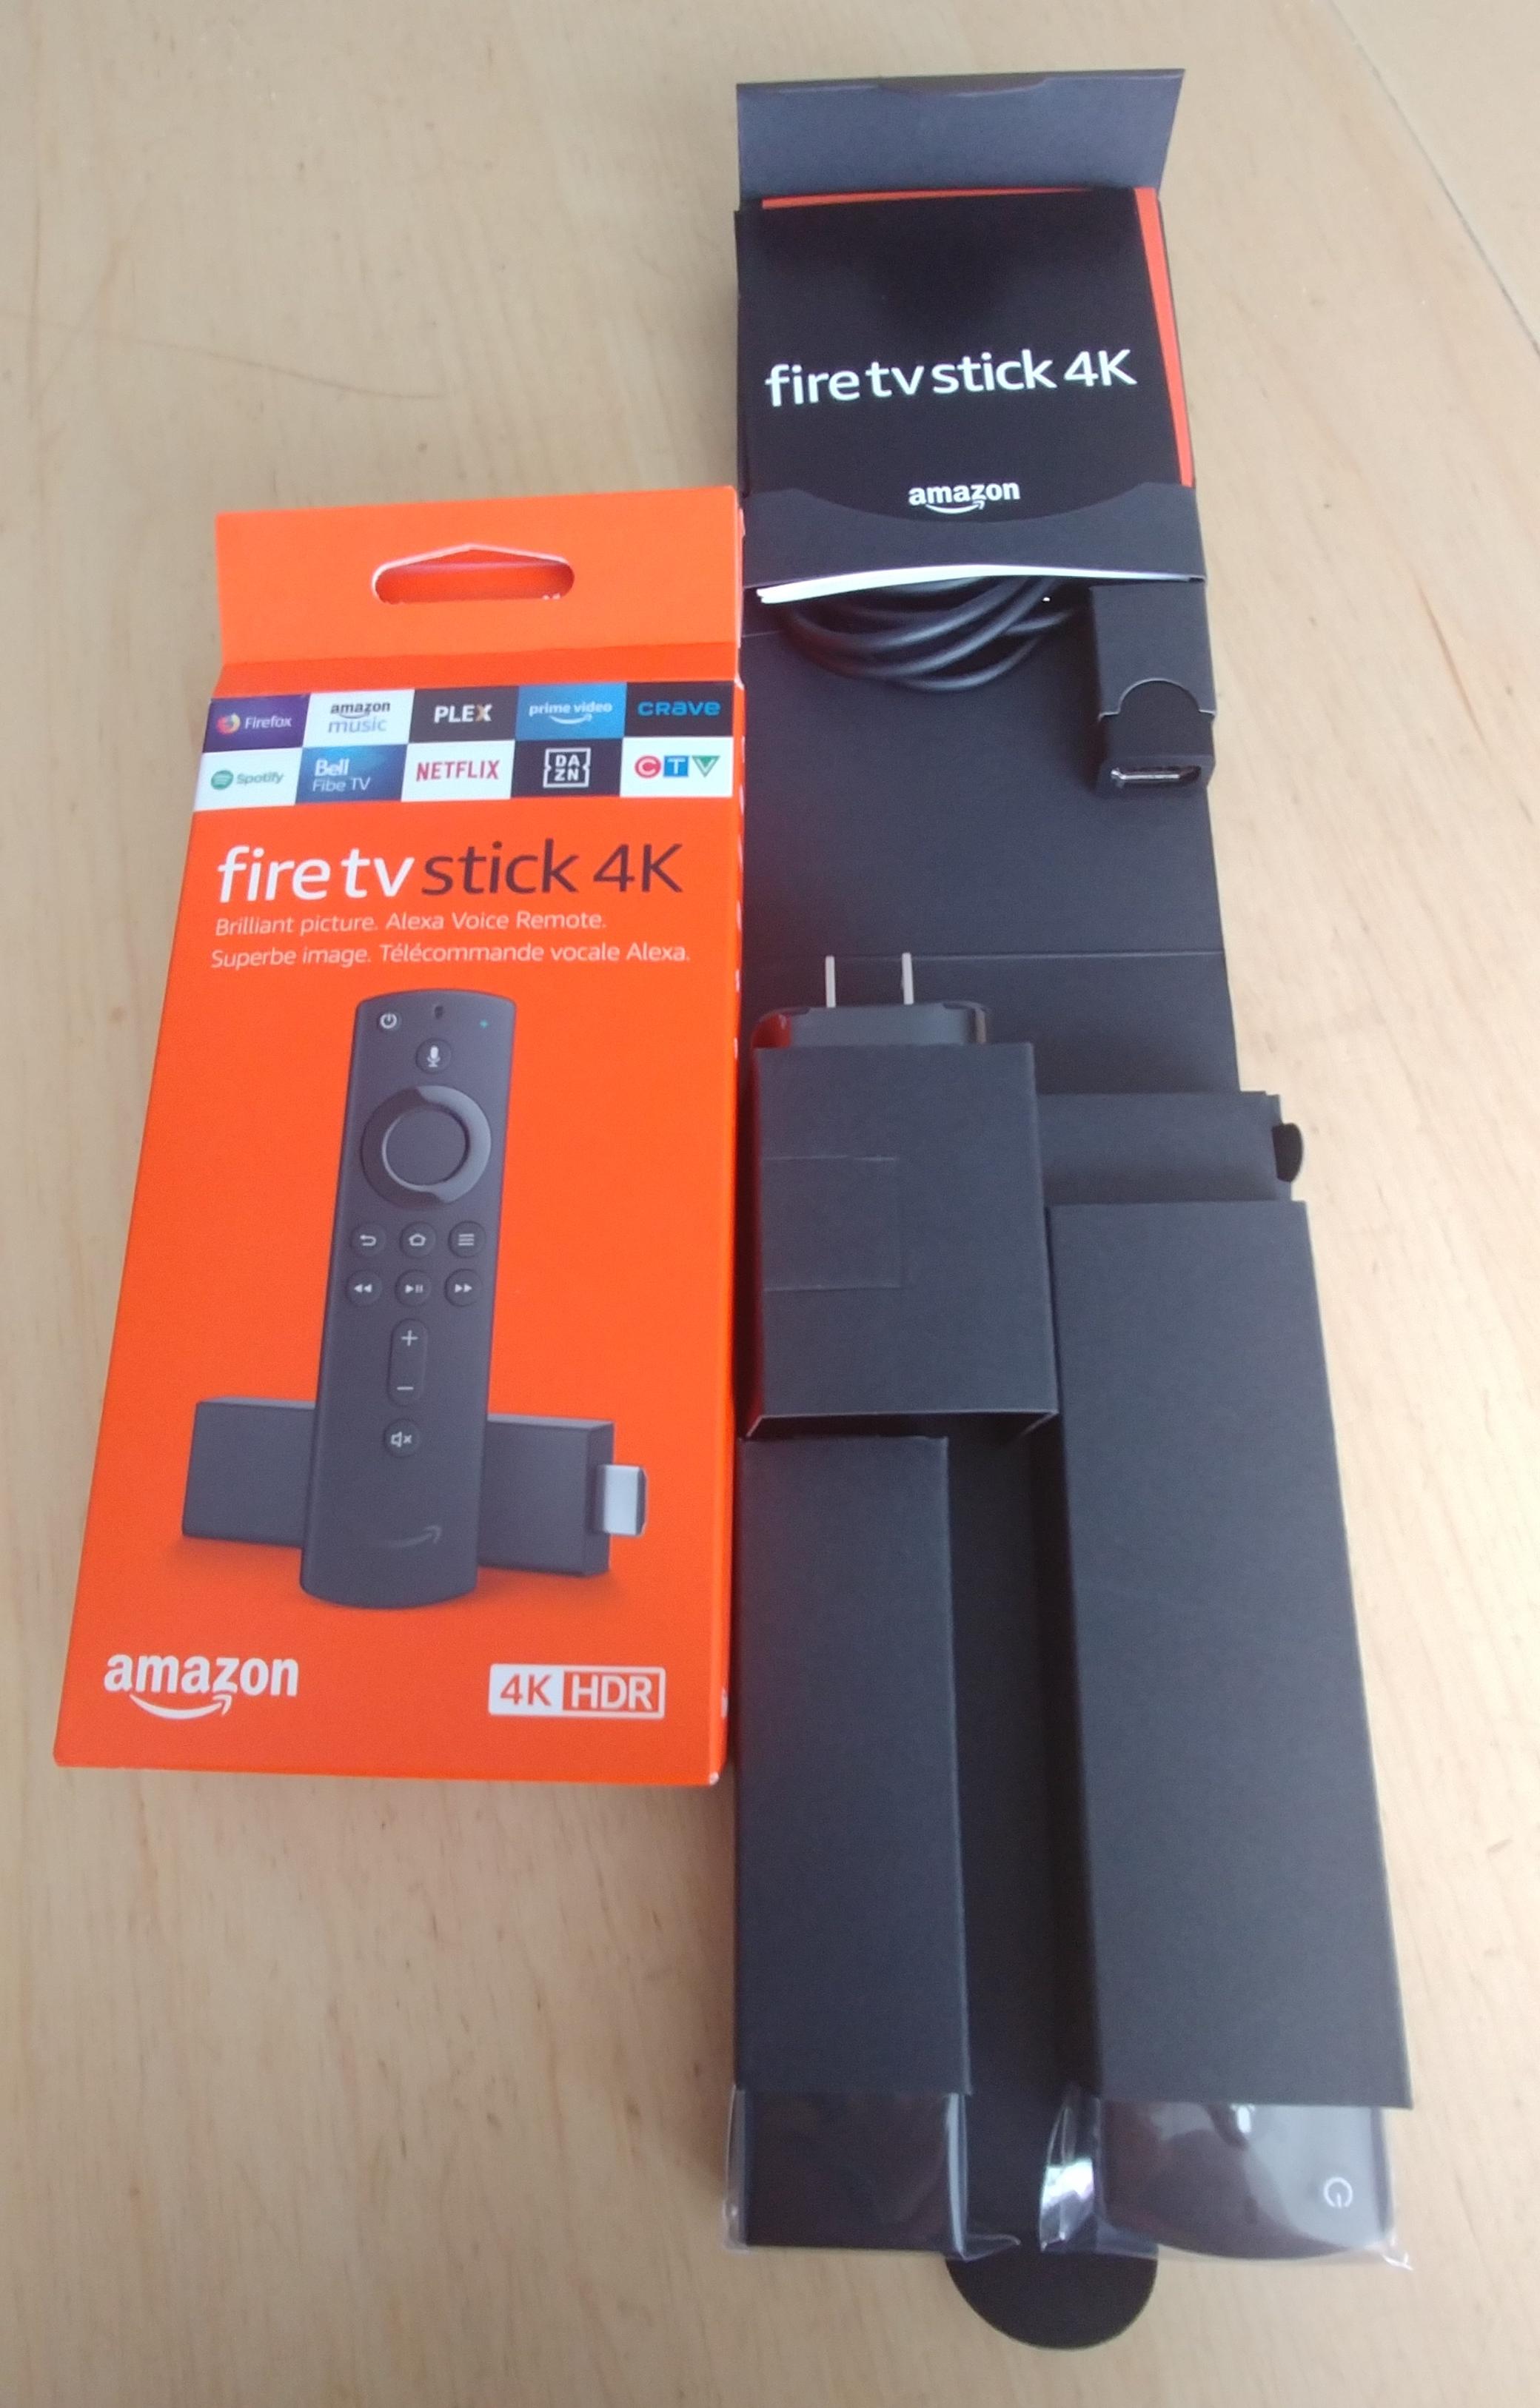 Le matériel de l'Amazon Fire TV Stick 4K